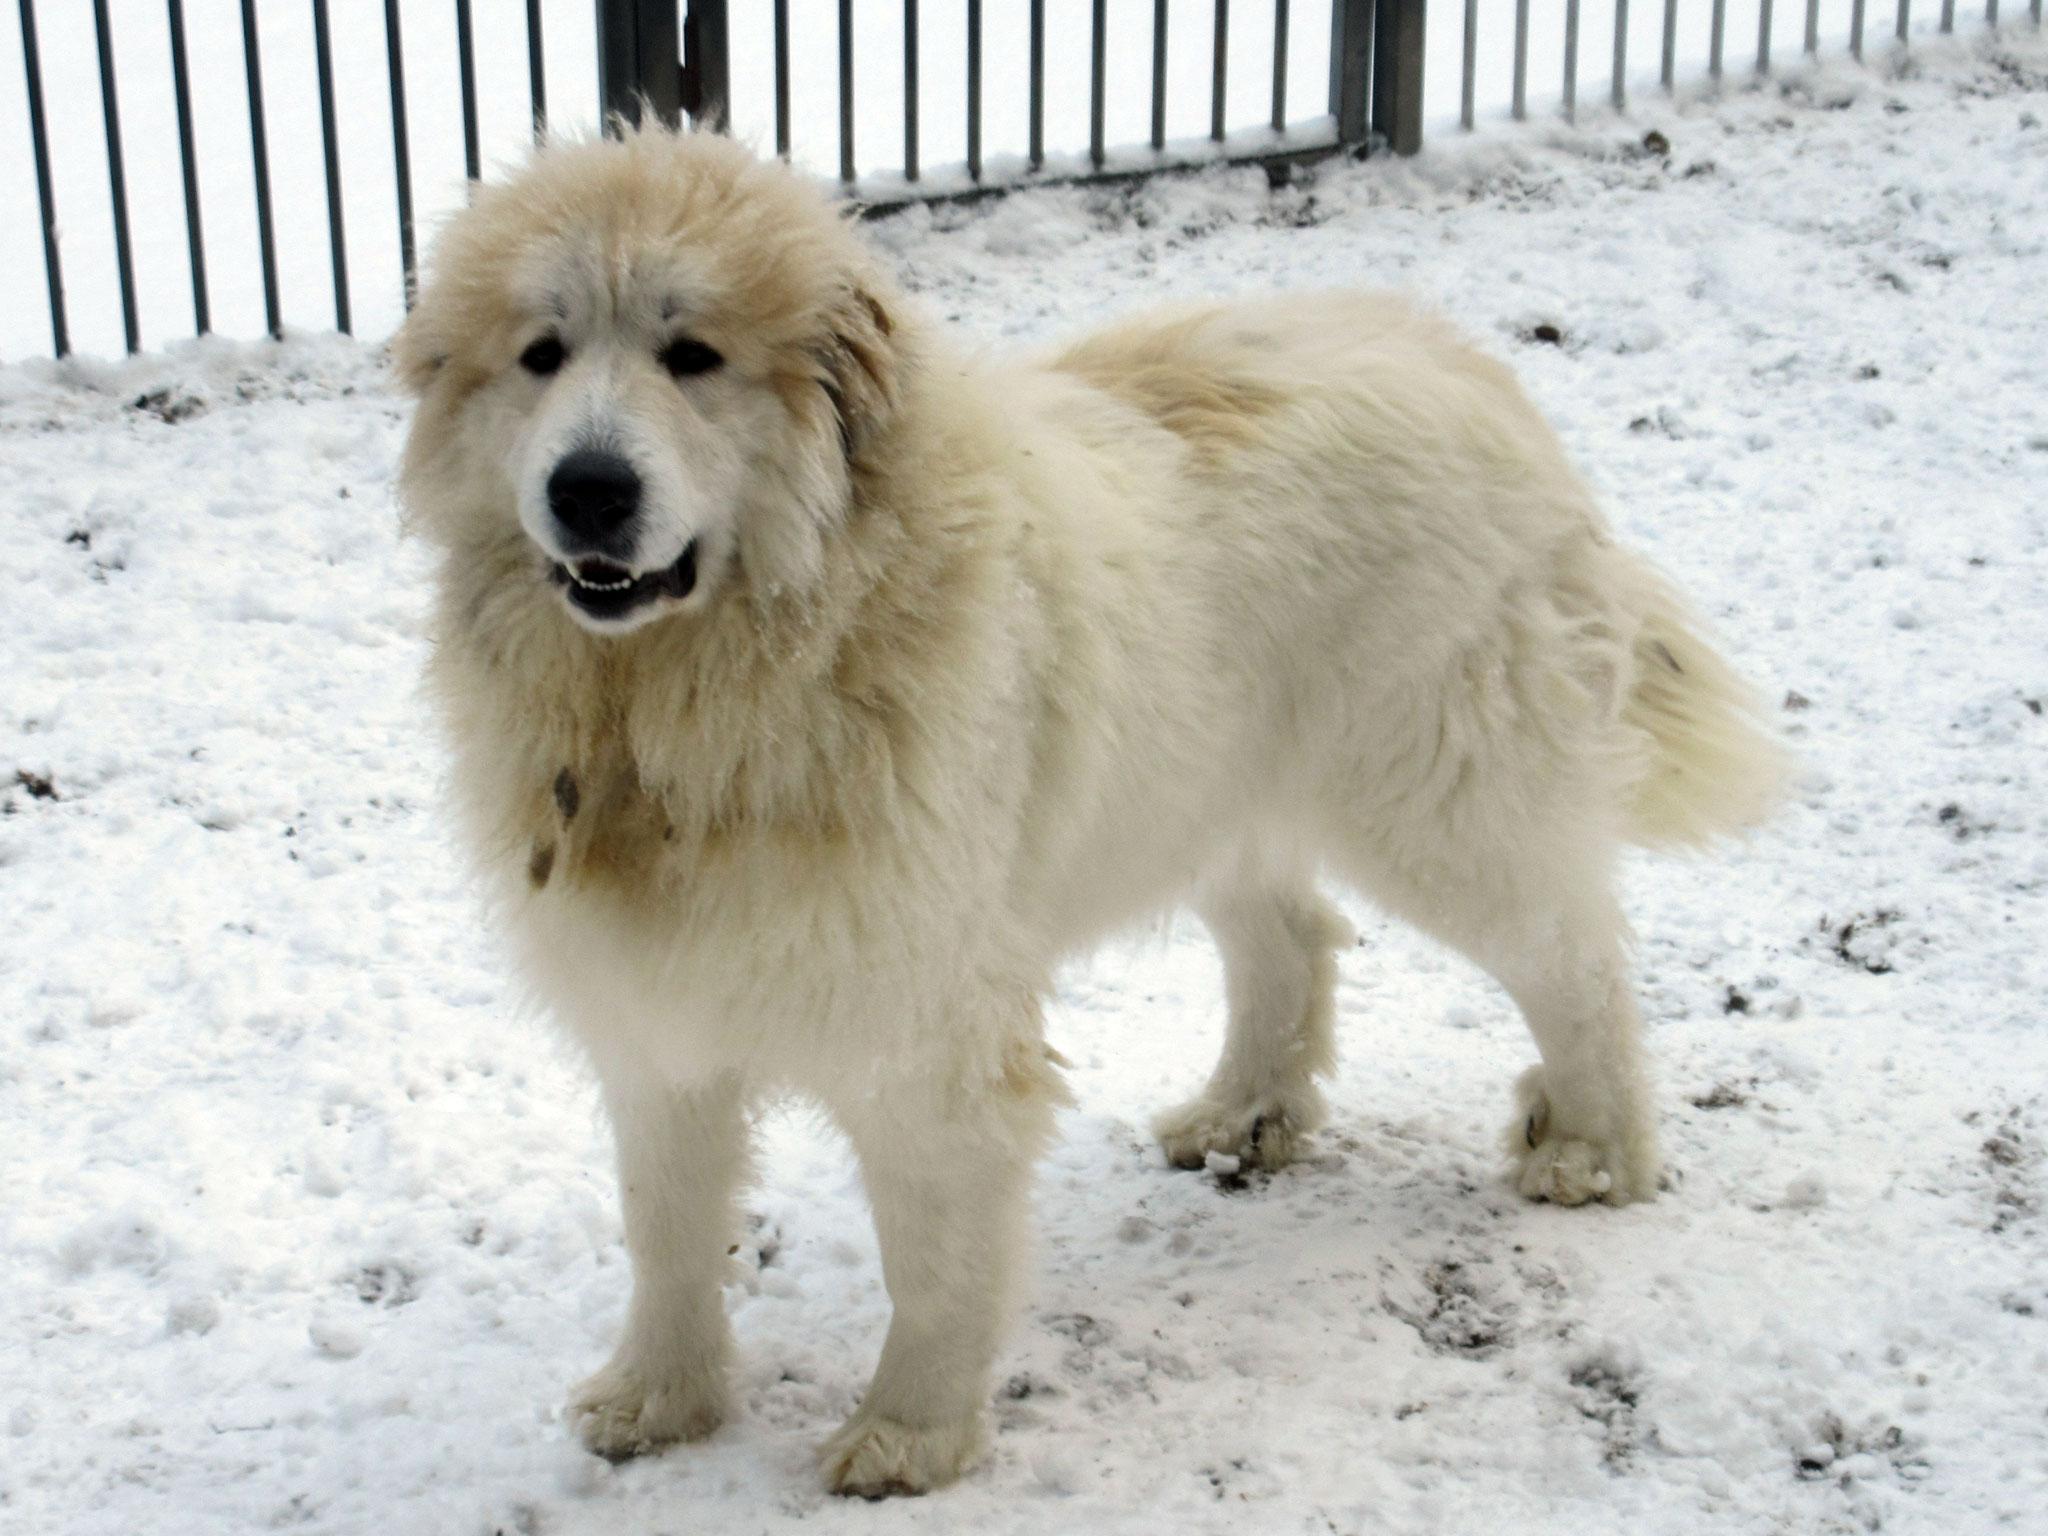 グレートピレニーズ親犬メス「リオ」